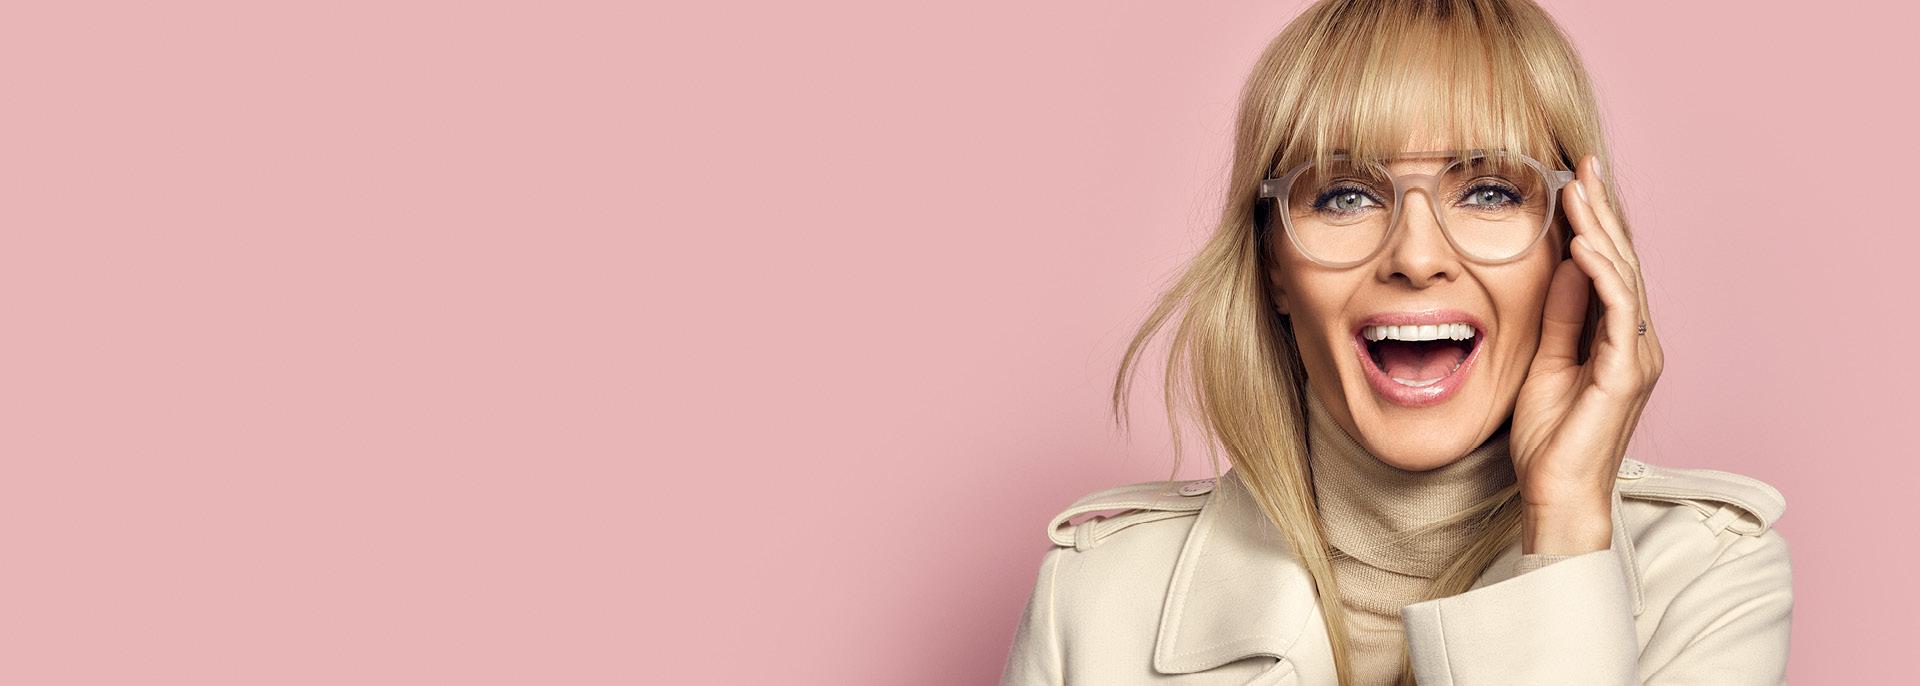 Erbjudande på glasögon och kontaktlinser hos Smarteyes